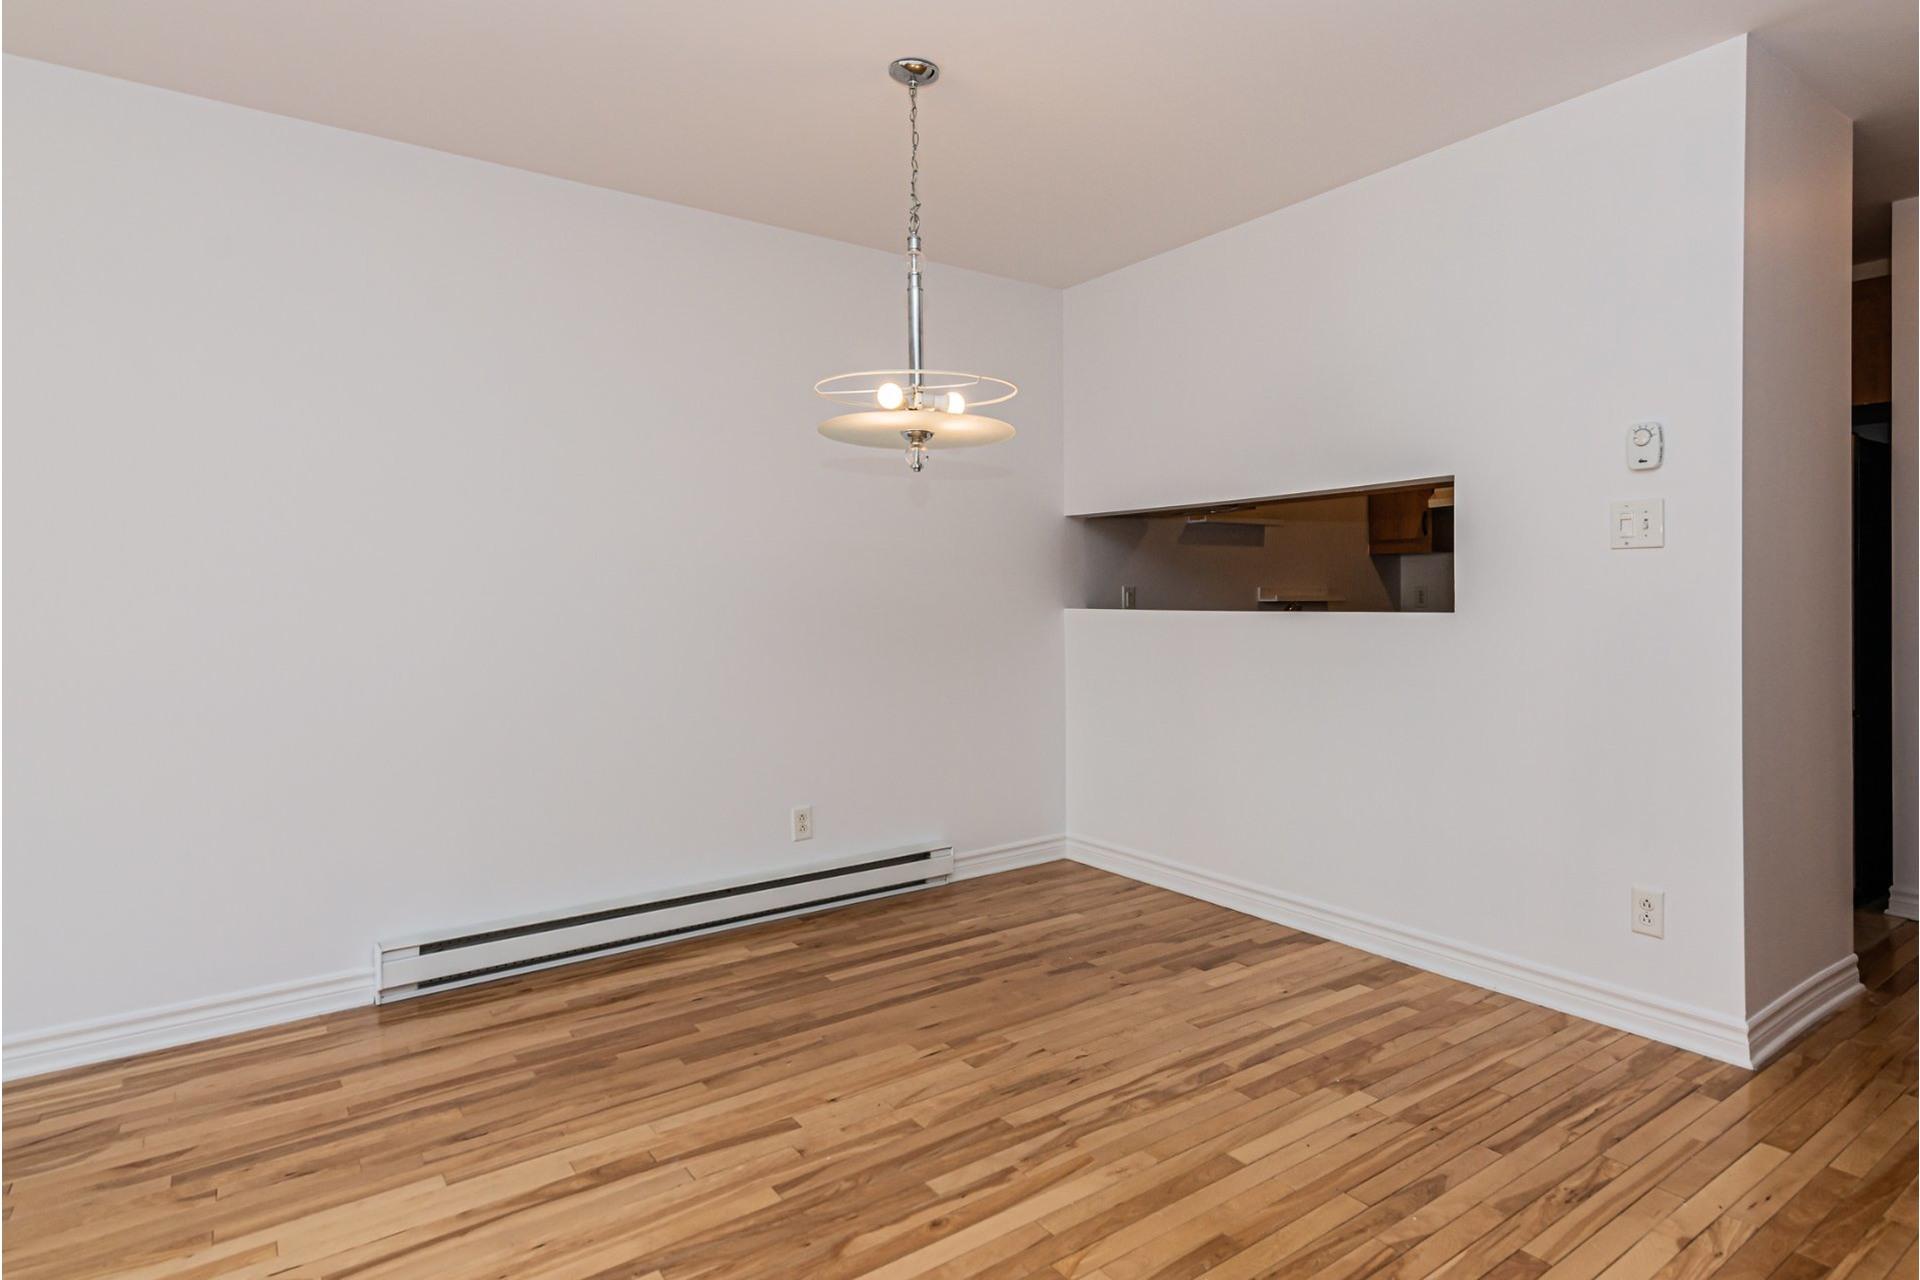 image 17 - Appartement À vendre Mercier/Hochelaga-Maisonneuve Montréal  - 4 pièces